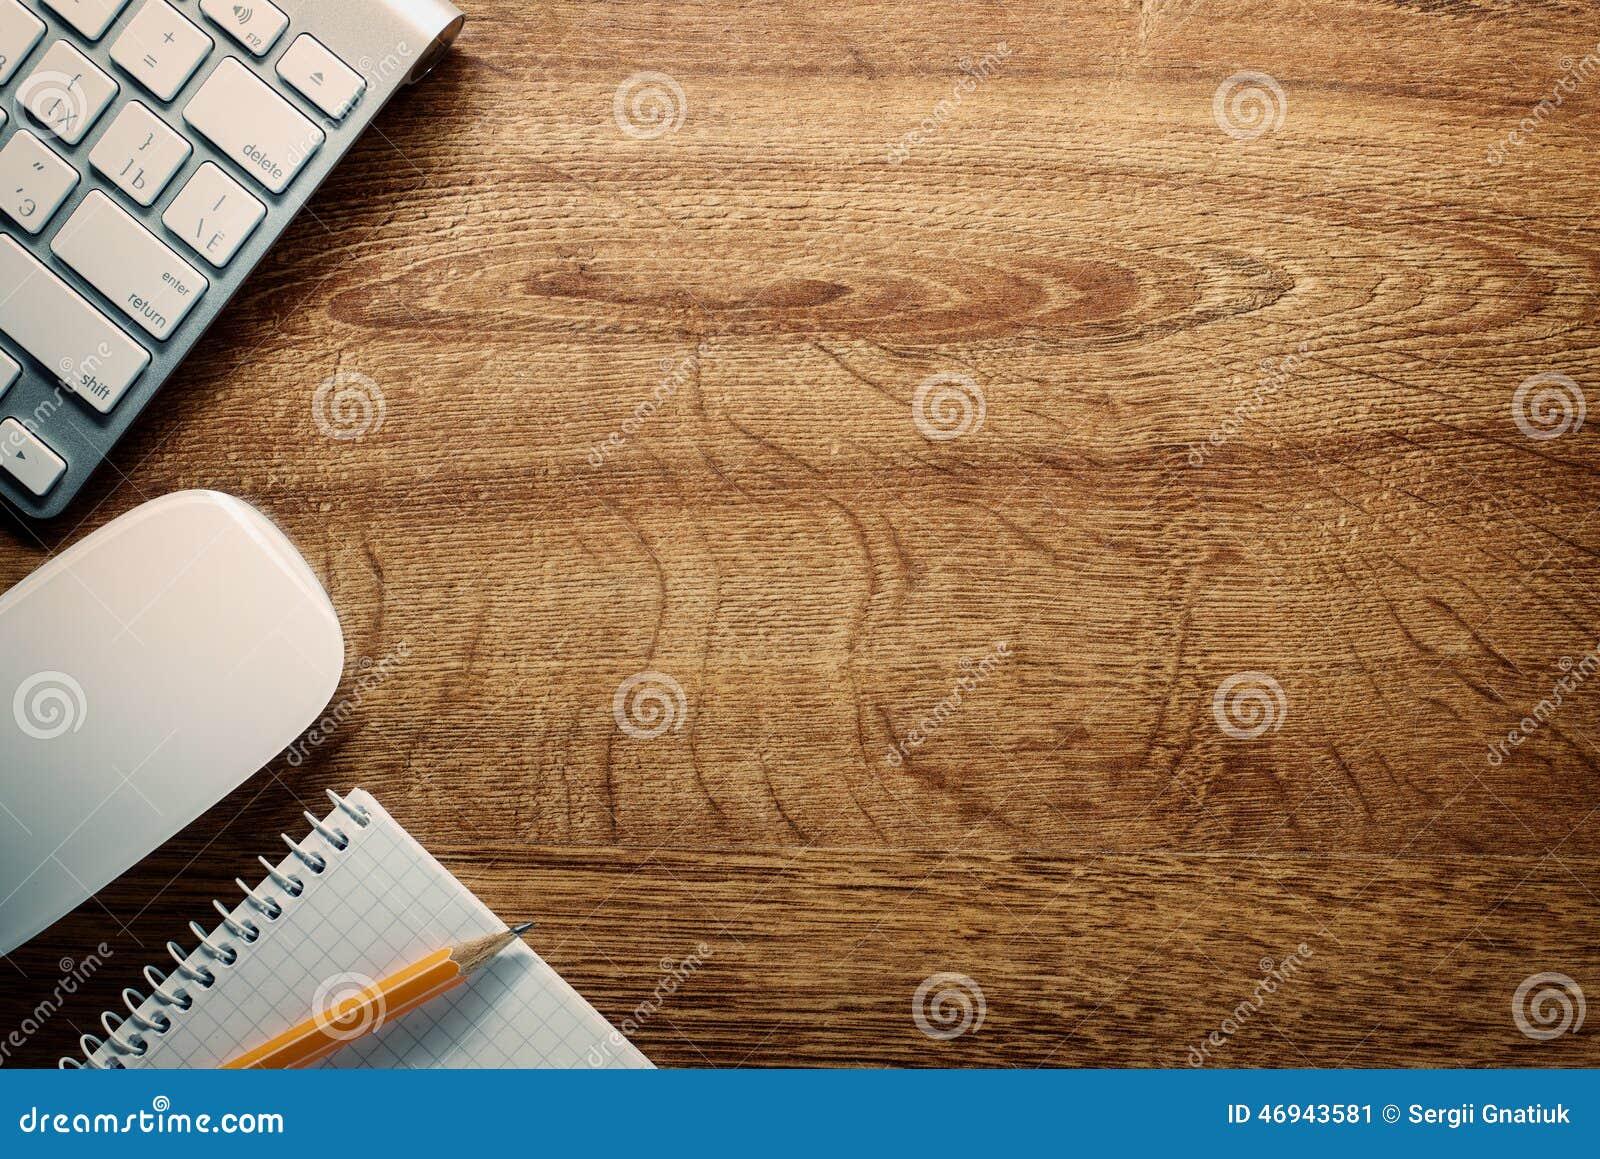 dispositifs crayon et notes sur le bureau avec l 39 espace de copie image stock image du texte. Black Bedroom Furniture Sets. Home Design Ideas